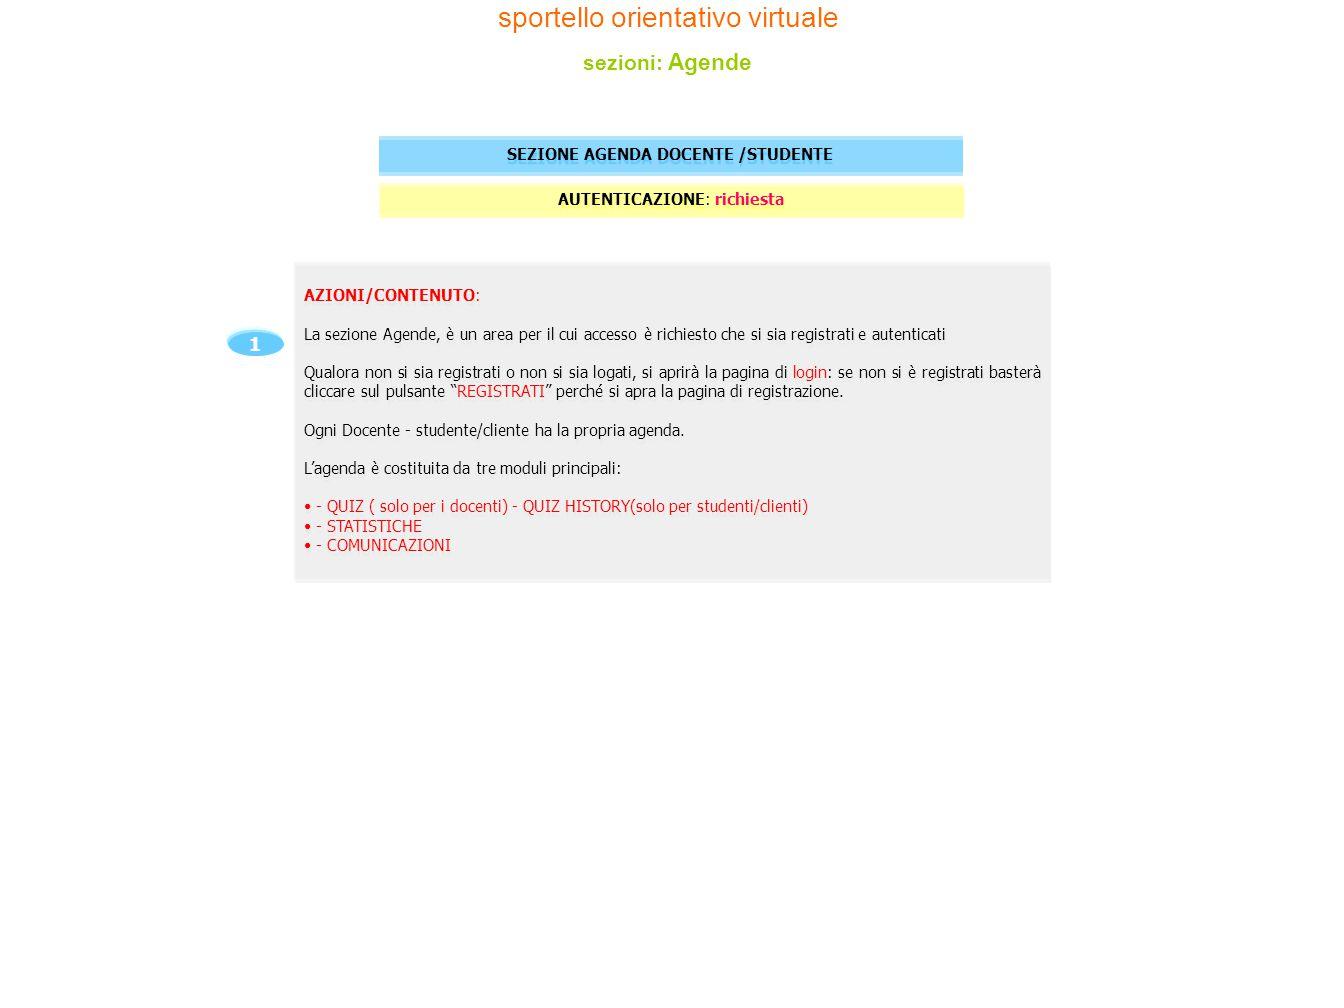 AZIONI/CONTENUTO: La sezione Agende, è un area per il cui accesso è richiesto che si sia registrati e autenticati Qualora non si sia registrati o non si sia logati, si aprirà la pagina di login: se non si è registrati basterà cliccare sul pulsante REGISTRATI perché si apra la pagina di registrazione.